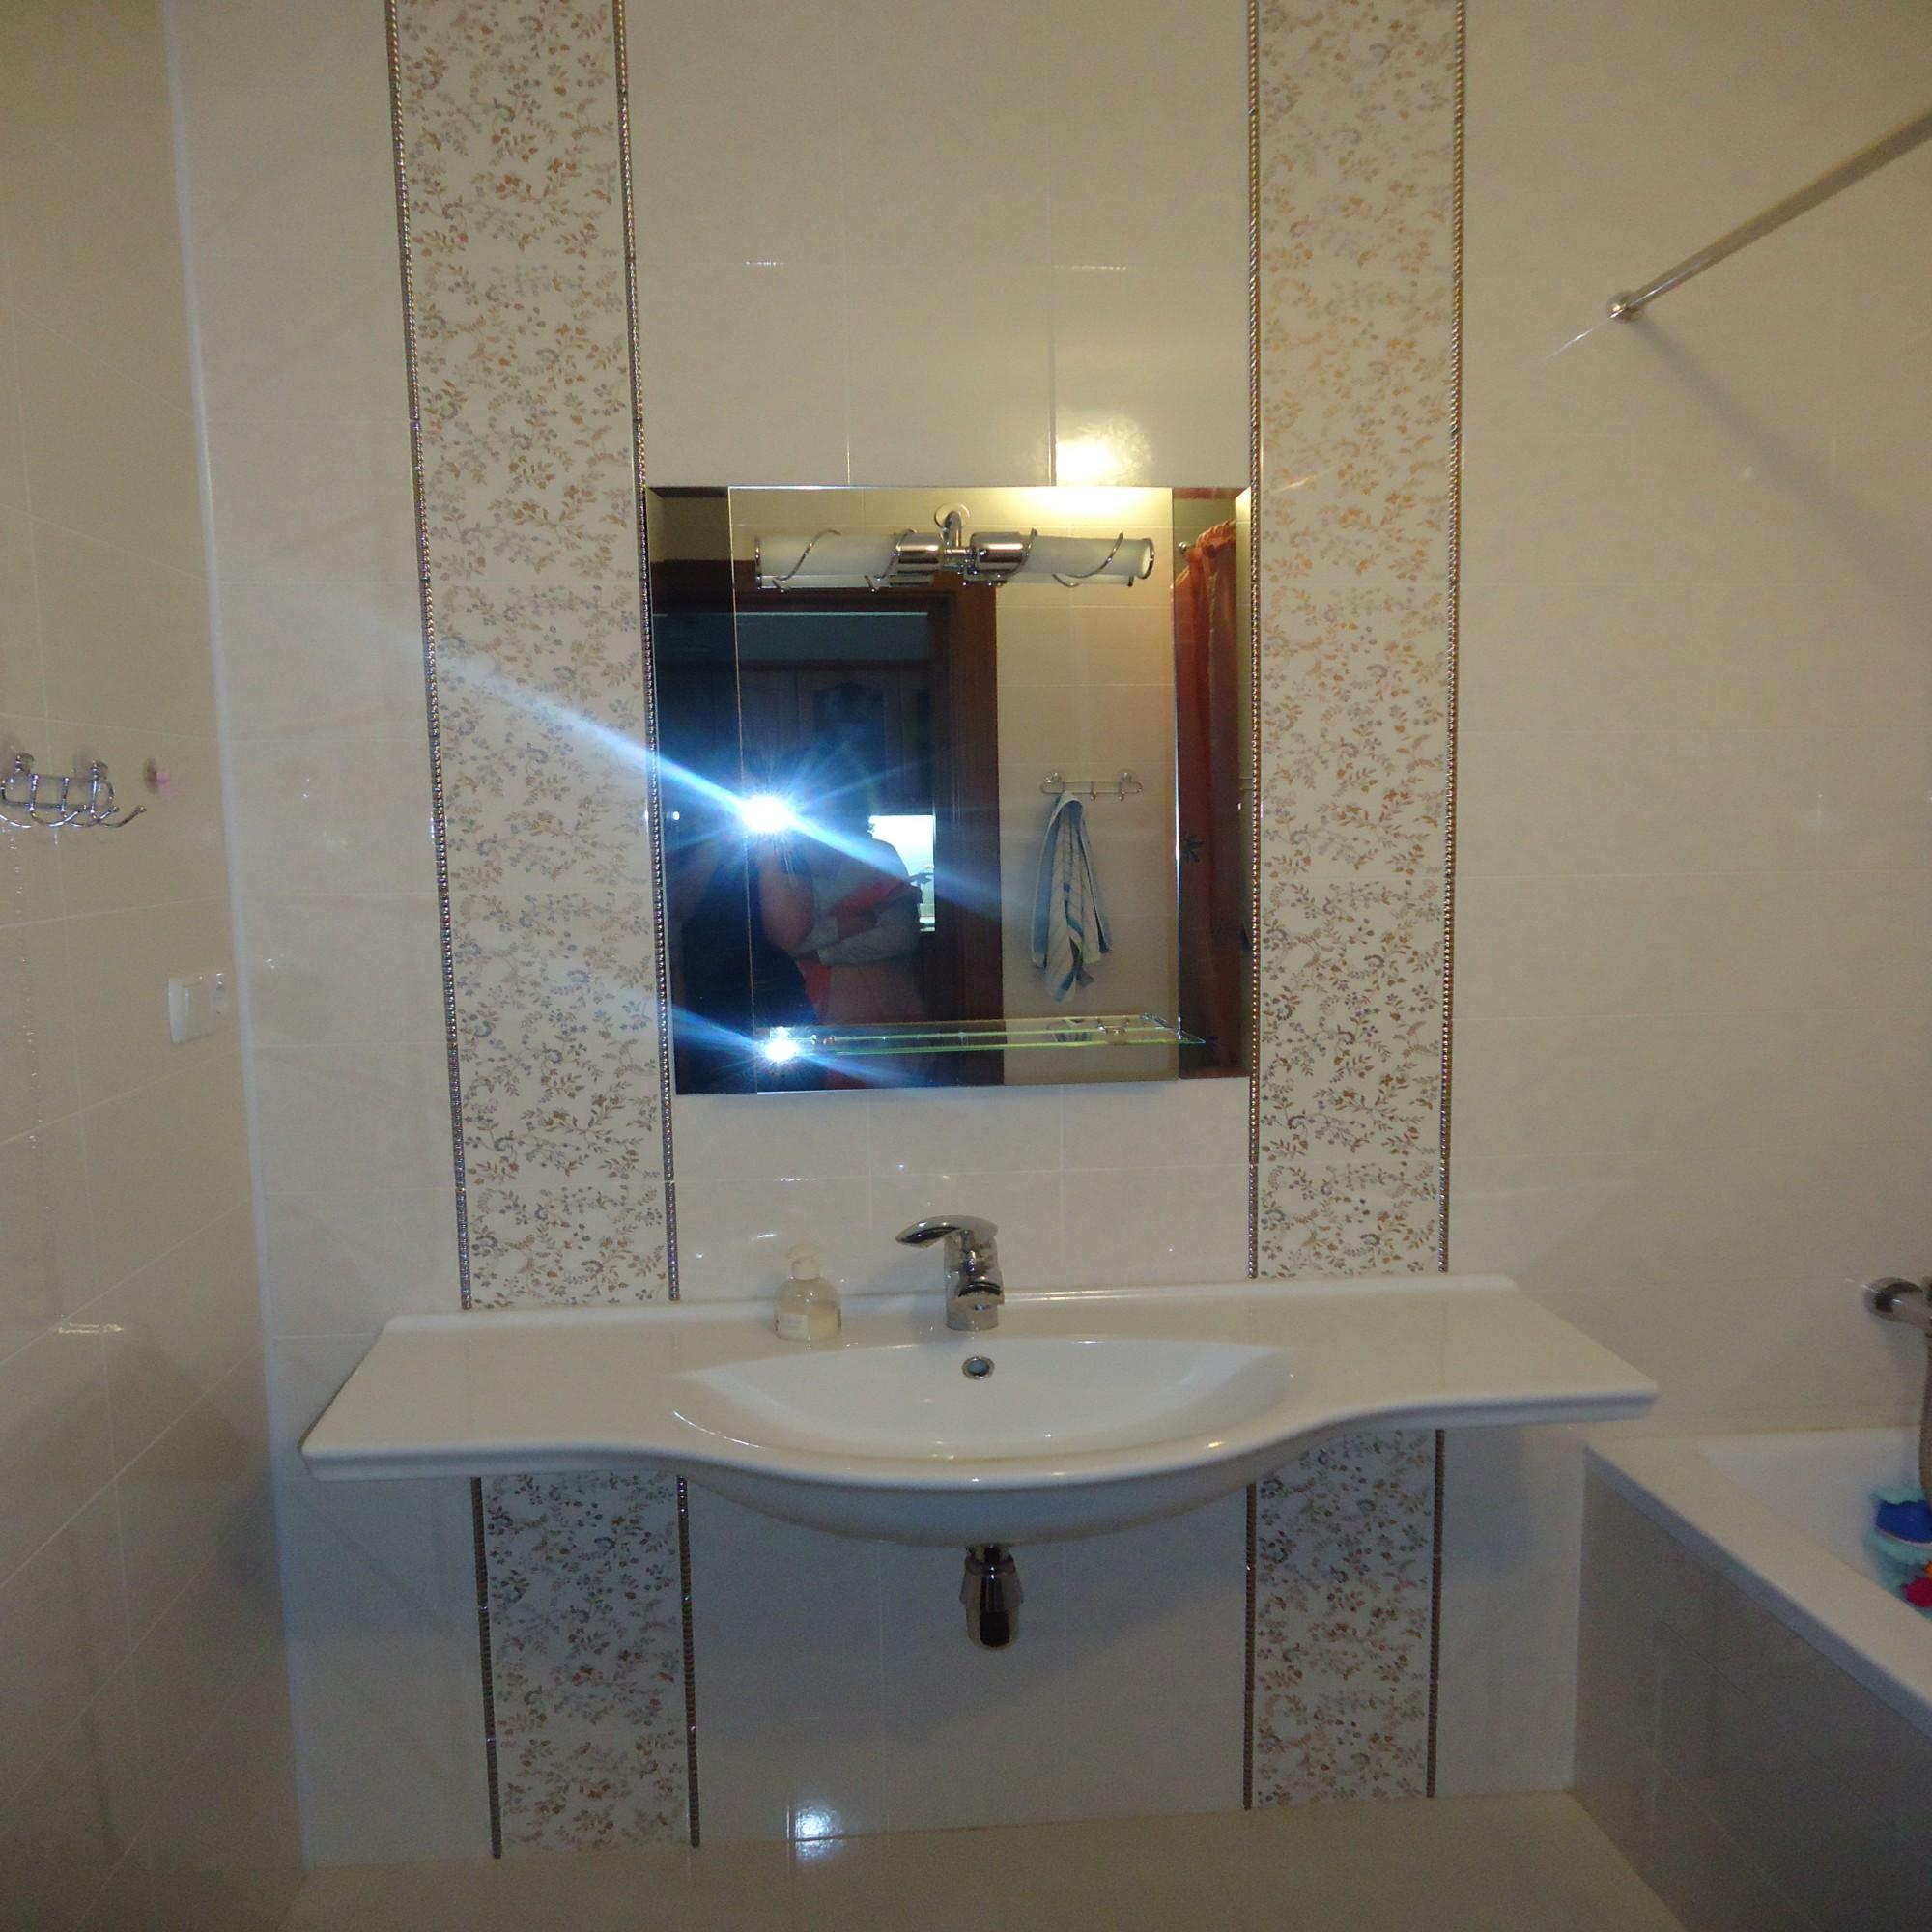 плитка в ванной светлая фото